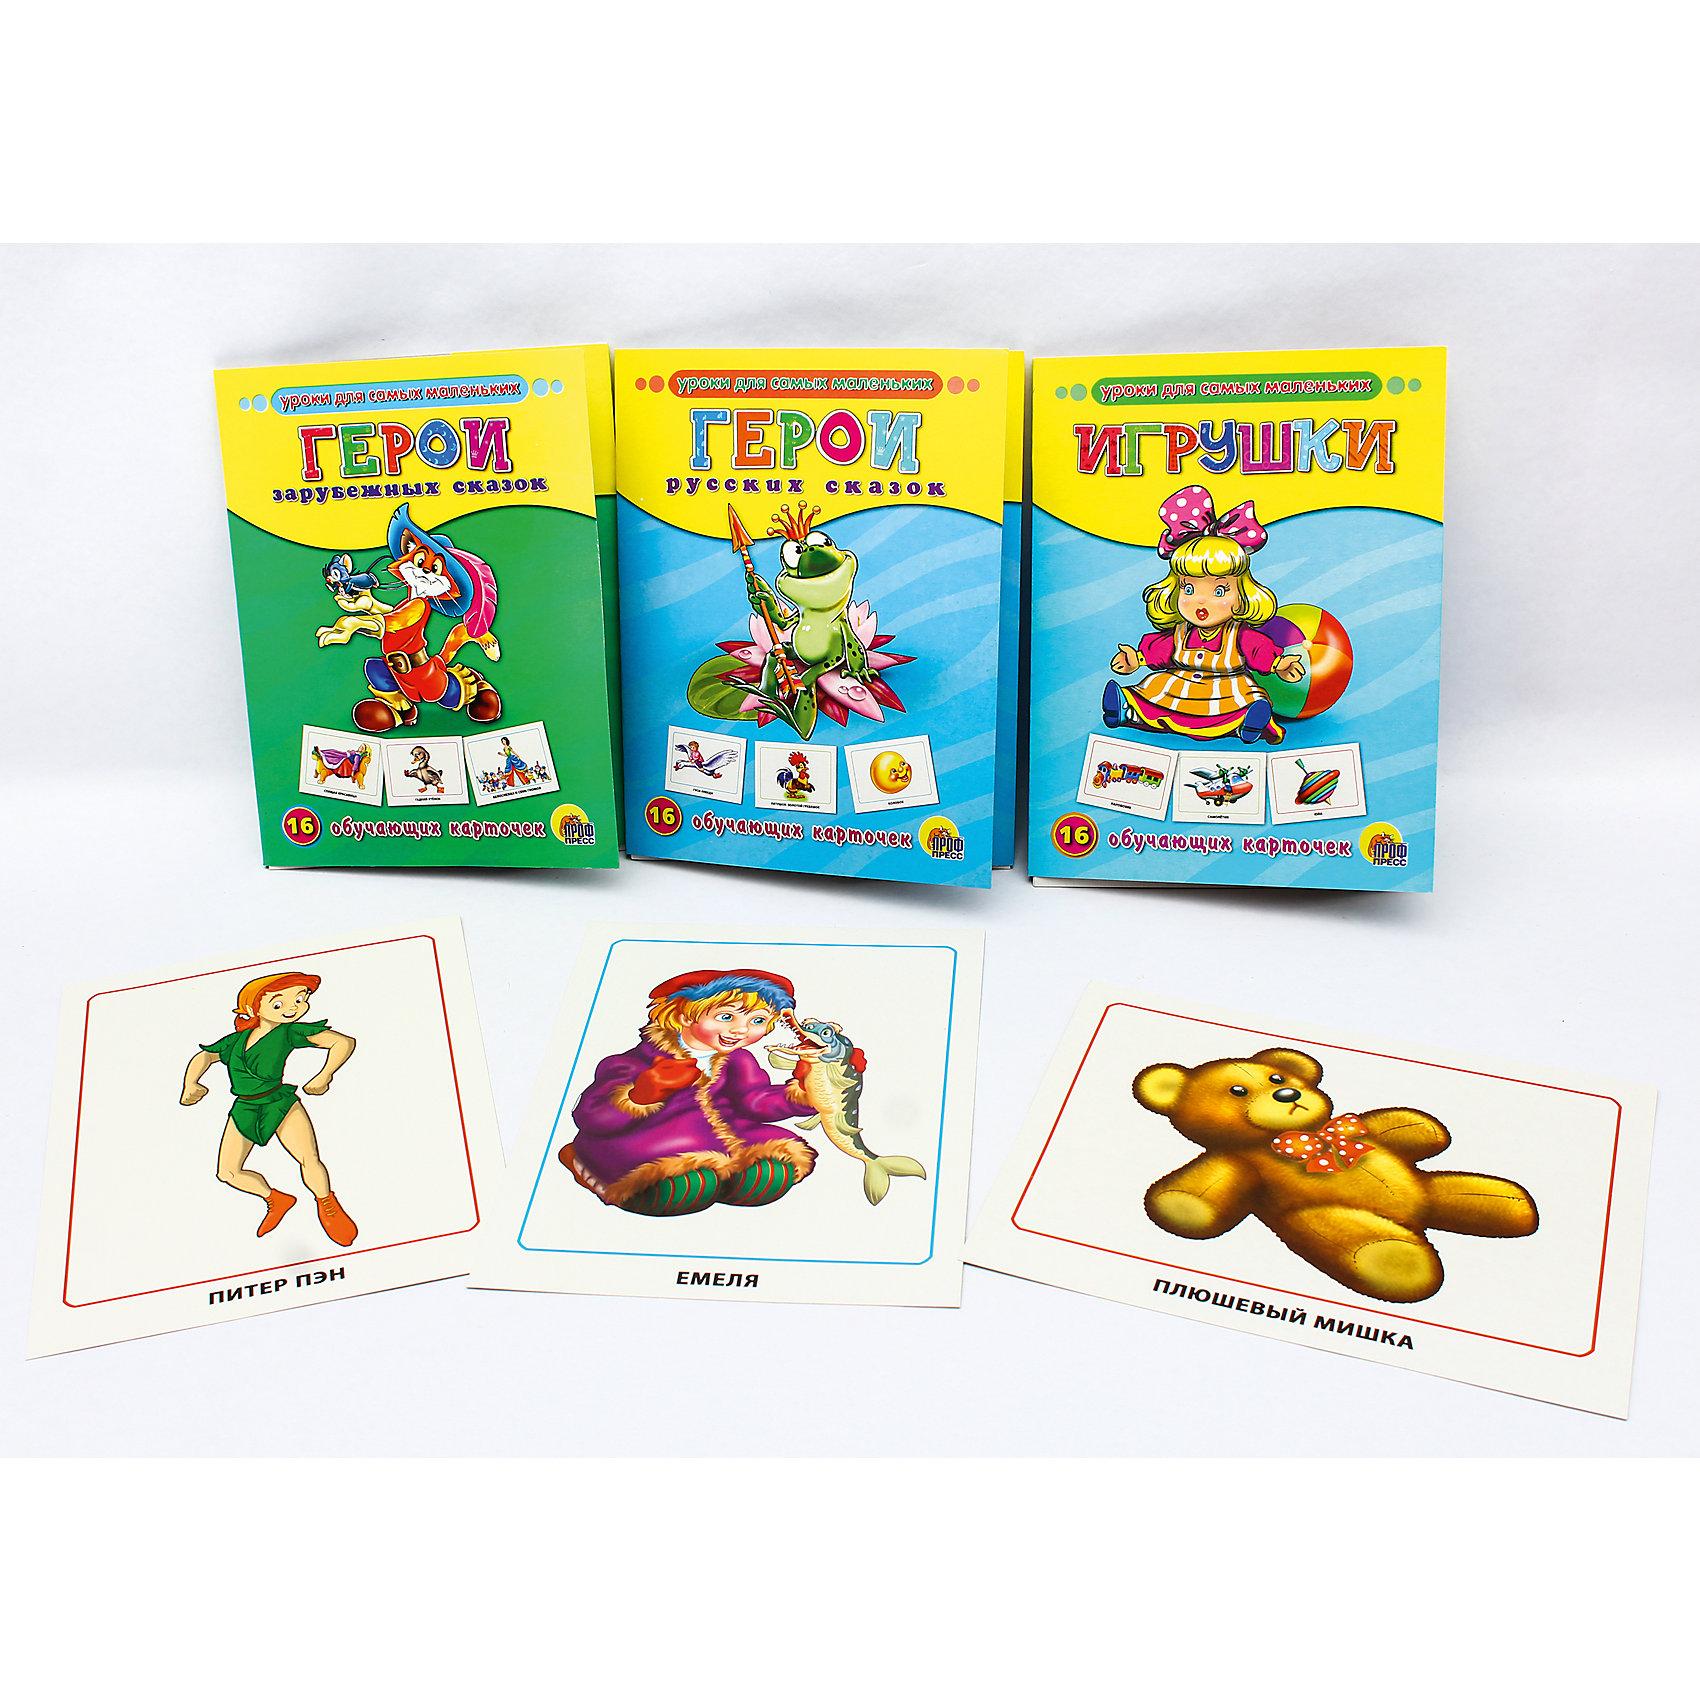 Обучающие карточки серии «Уроки для самых маленьких»Обучающие карточки<br>Обучающие карточки серии «Уроки для самых маленьких» помогут ребёнку узнать много интересного об окружающем мире, его богатстве и многообразии. Каждый набор включает 16 карточек и посвящён определённой тематике. Благодаря данному набору ребёнок в познавательной и в то же время игровой форме узнает, как безопасно вести себя дома и на улице, как правильно поступать в той или иной ситуации, а также познакомится с телефонными номерами экстренных служб. Работа с карточками станет для малыша не только увлекательным занятием, но и начальным этапом подготовки к дальнейшему обучению в школе.<br><br>Ширина мм: 170<br>Глубина мм: 220<br>Высота мм: 18<br>Вес г: 491<br>Возраст от месяцев: 12<br>Возраст до месяцев: 36<br>Пол: Унисекс<br>Возраст: Детский<br>SKU: 6990128